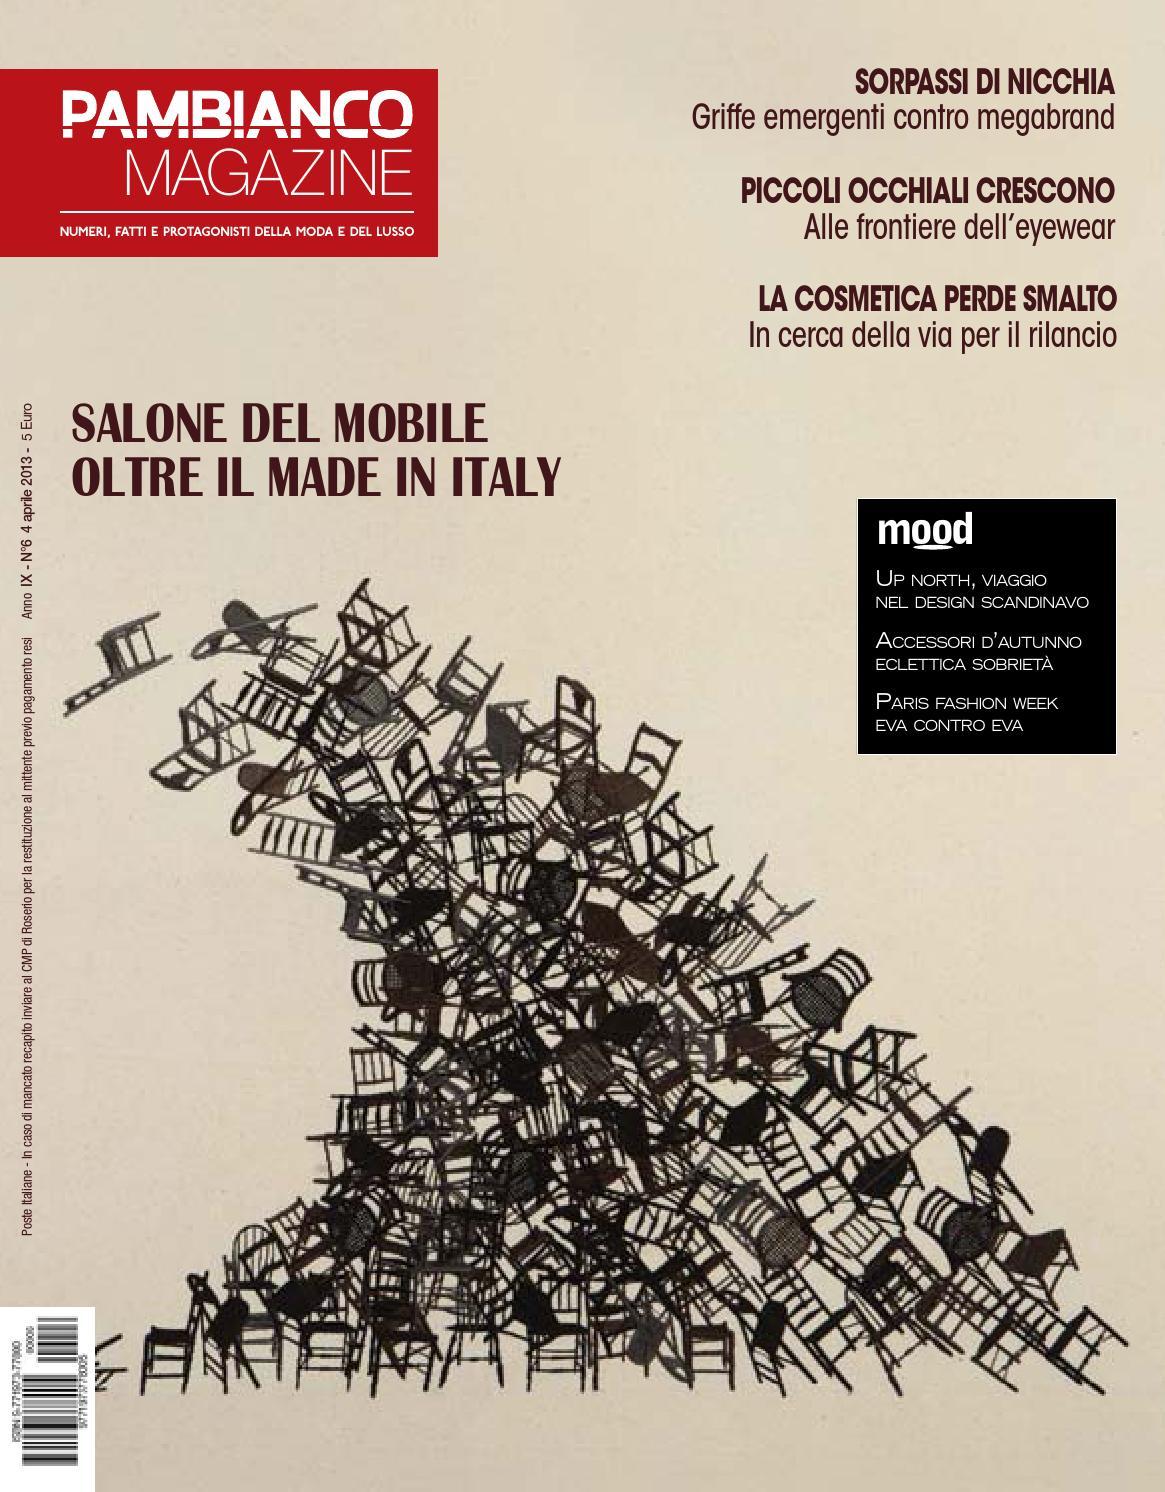 Pambianco Magazine N.6 IX by Pambianconews issuu